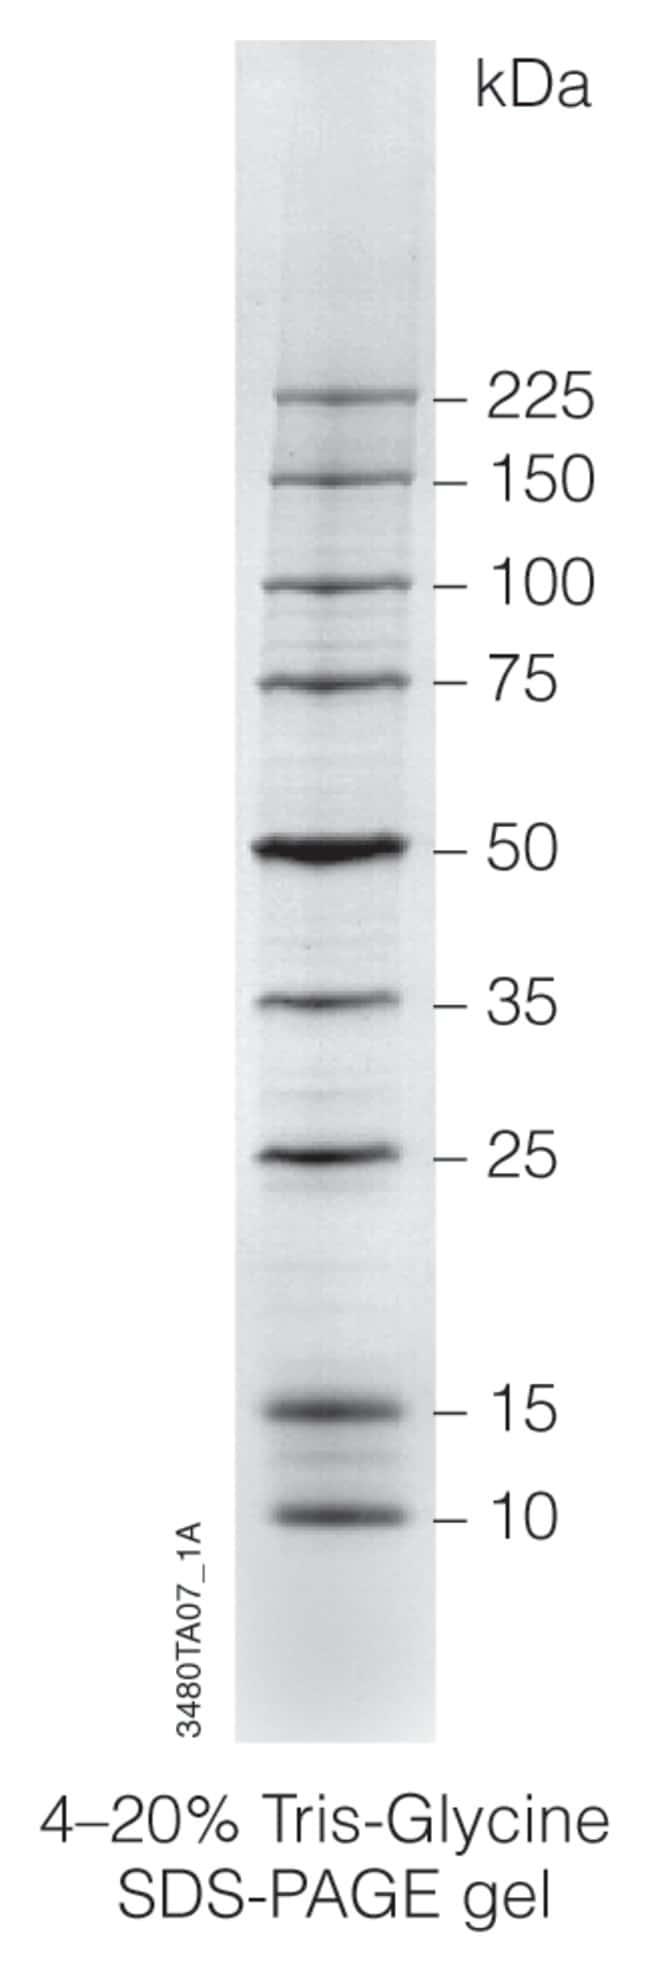 PromegaBroad Range Protein Molecular Weight Marker